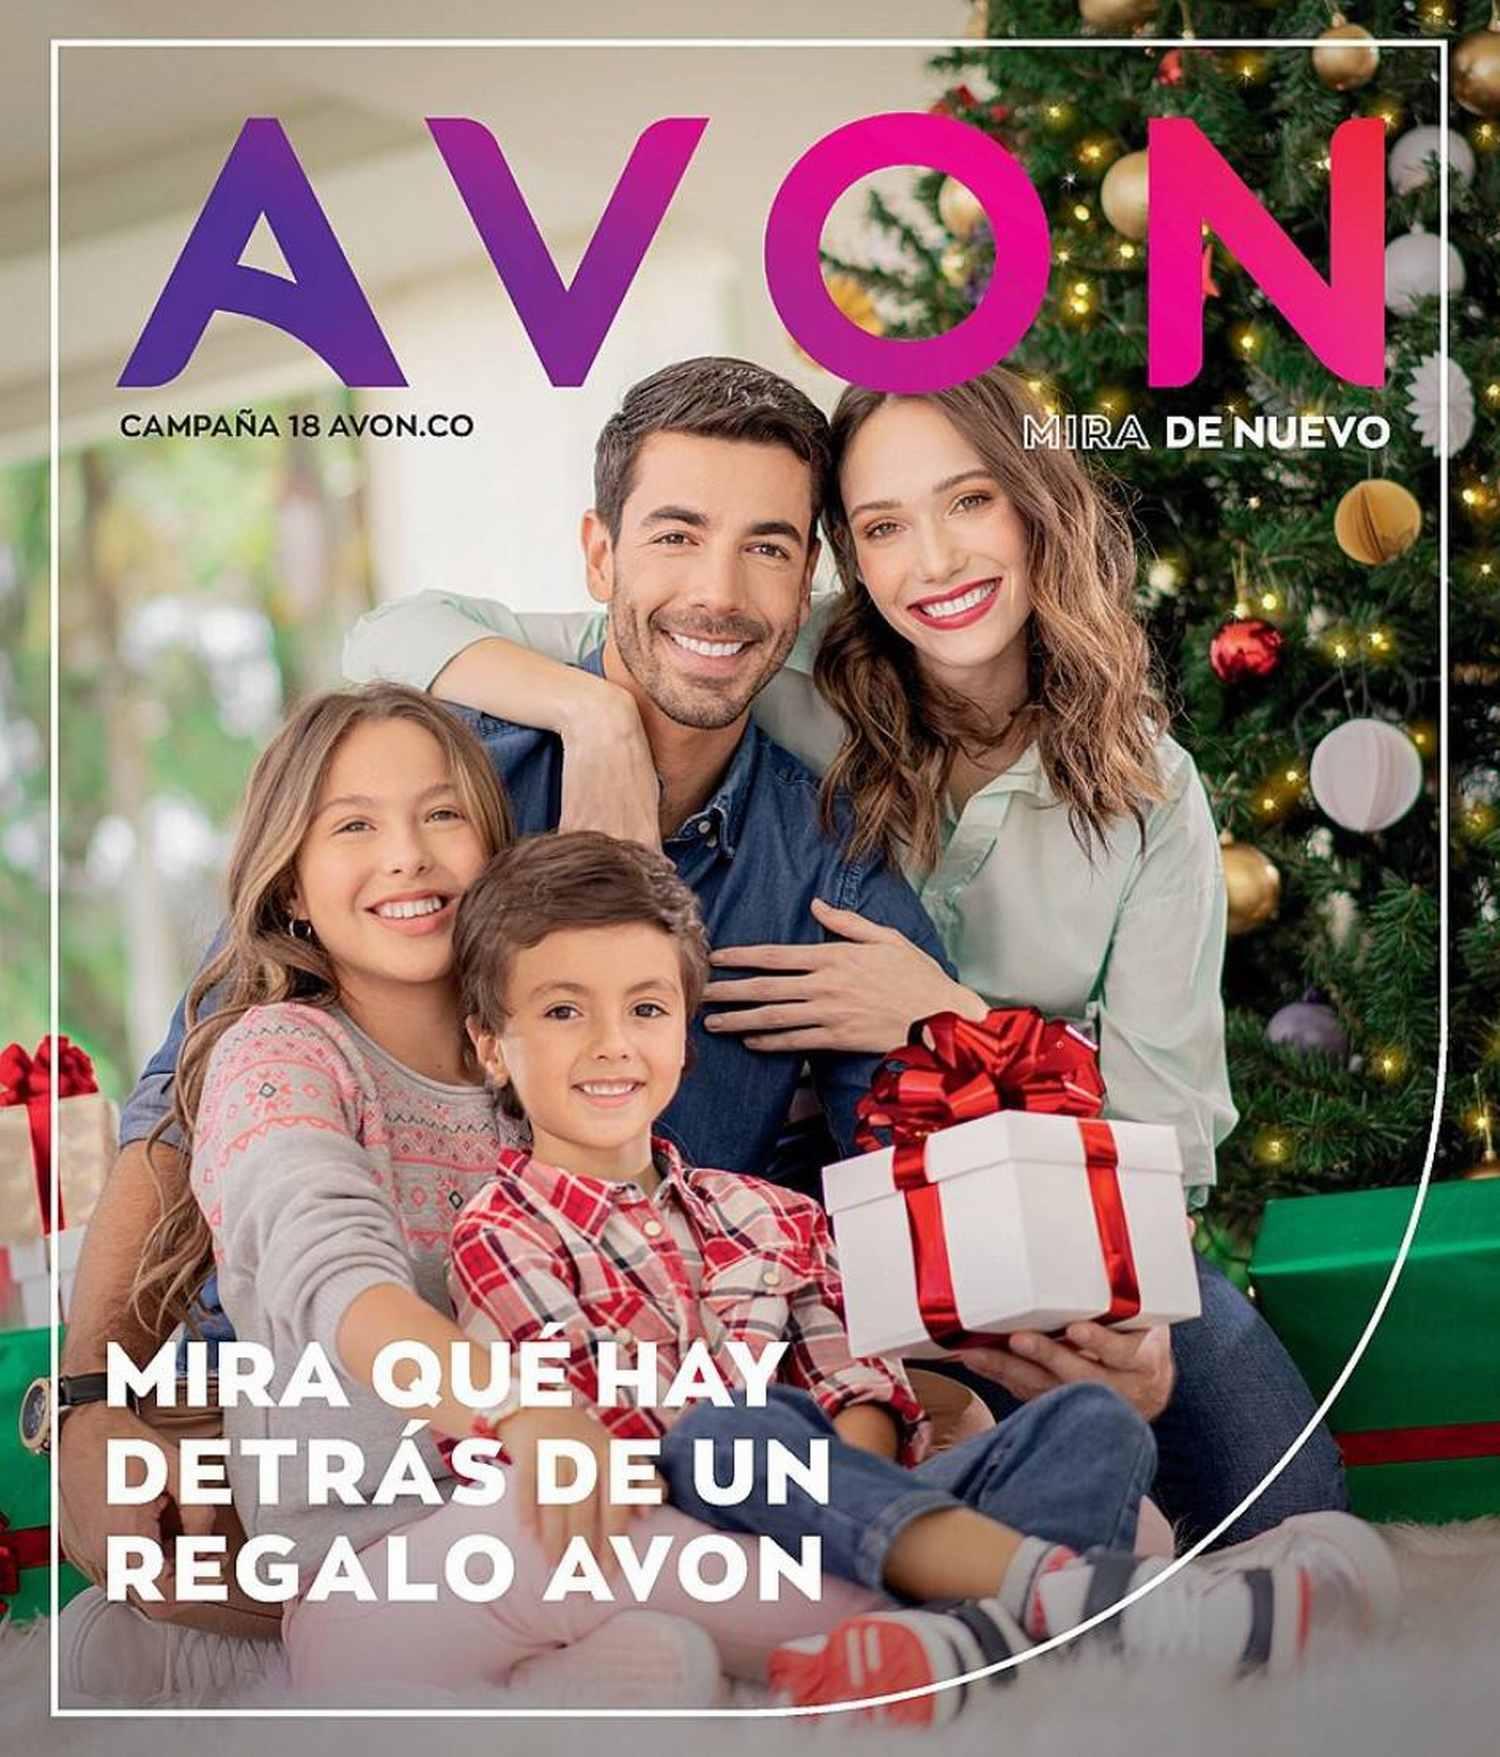 Catálogo Avon Campaña 18 2021 Colombia